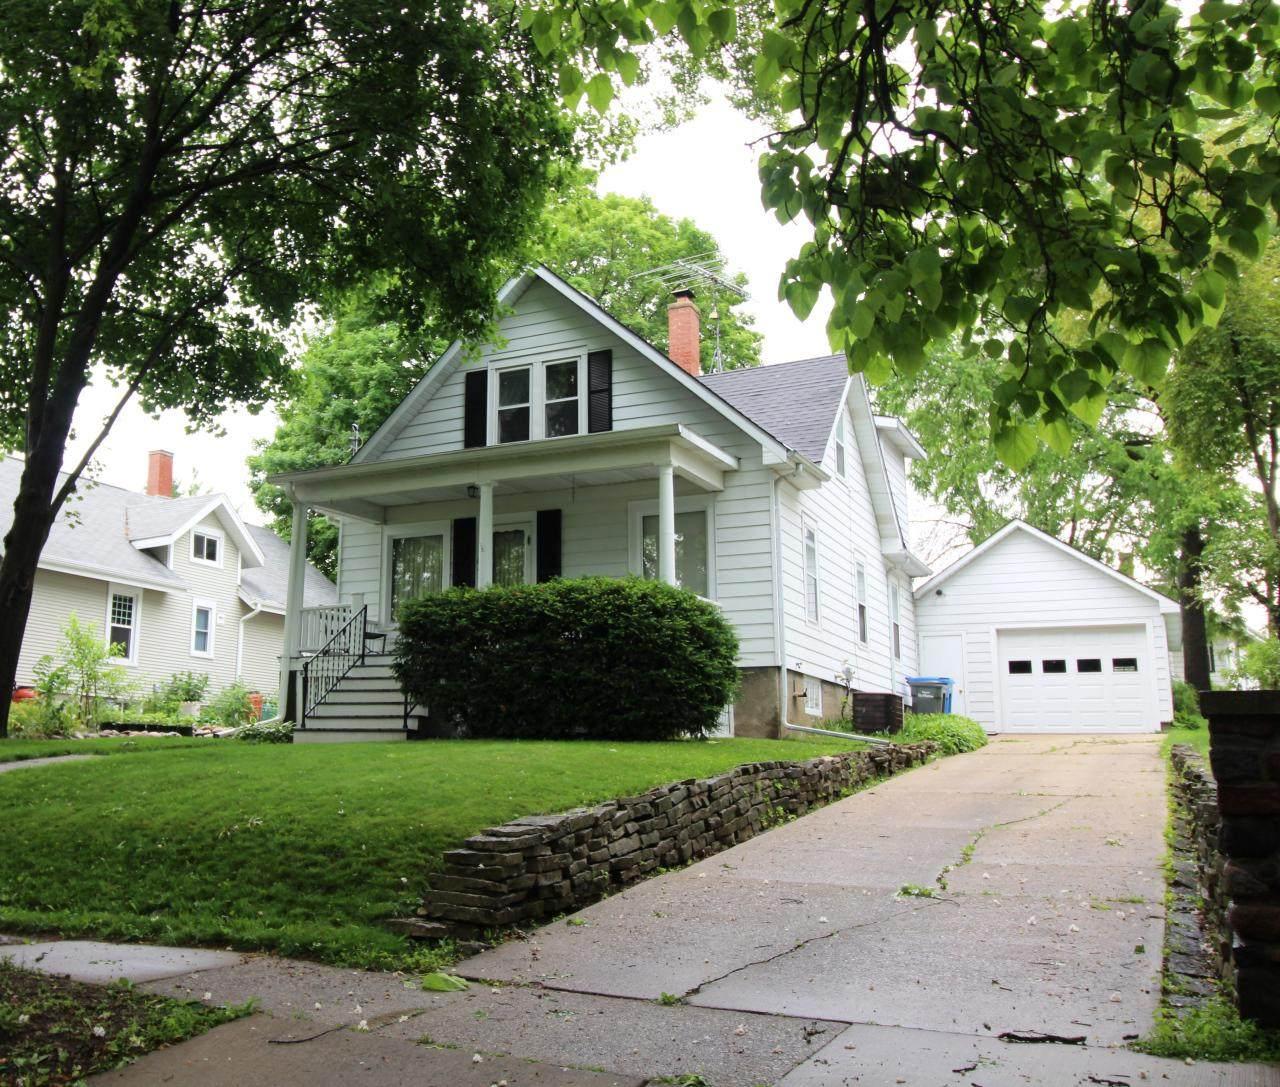 813 Harvey Ave - Photo 1